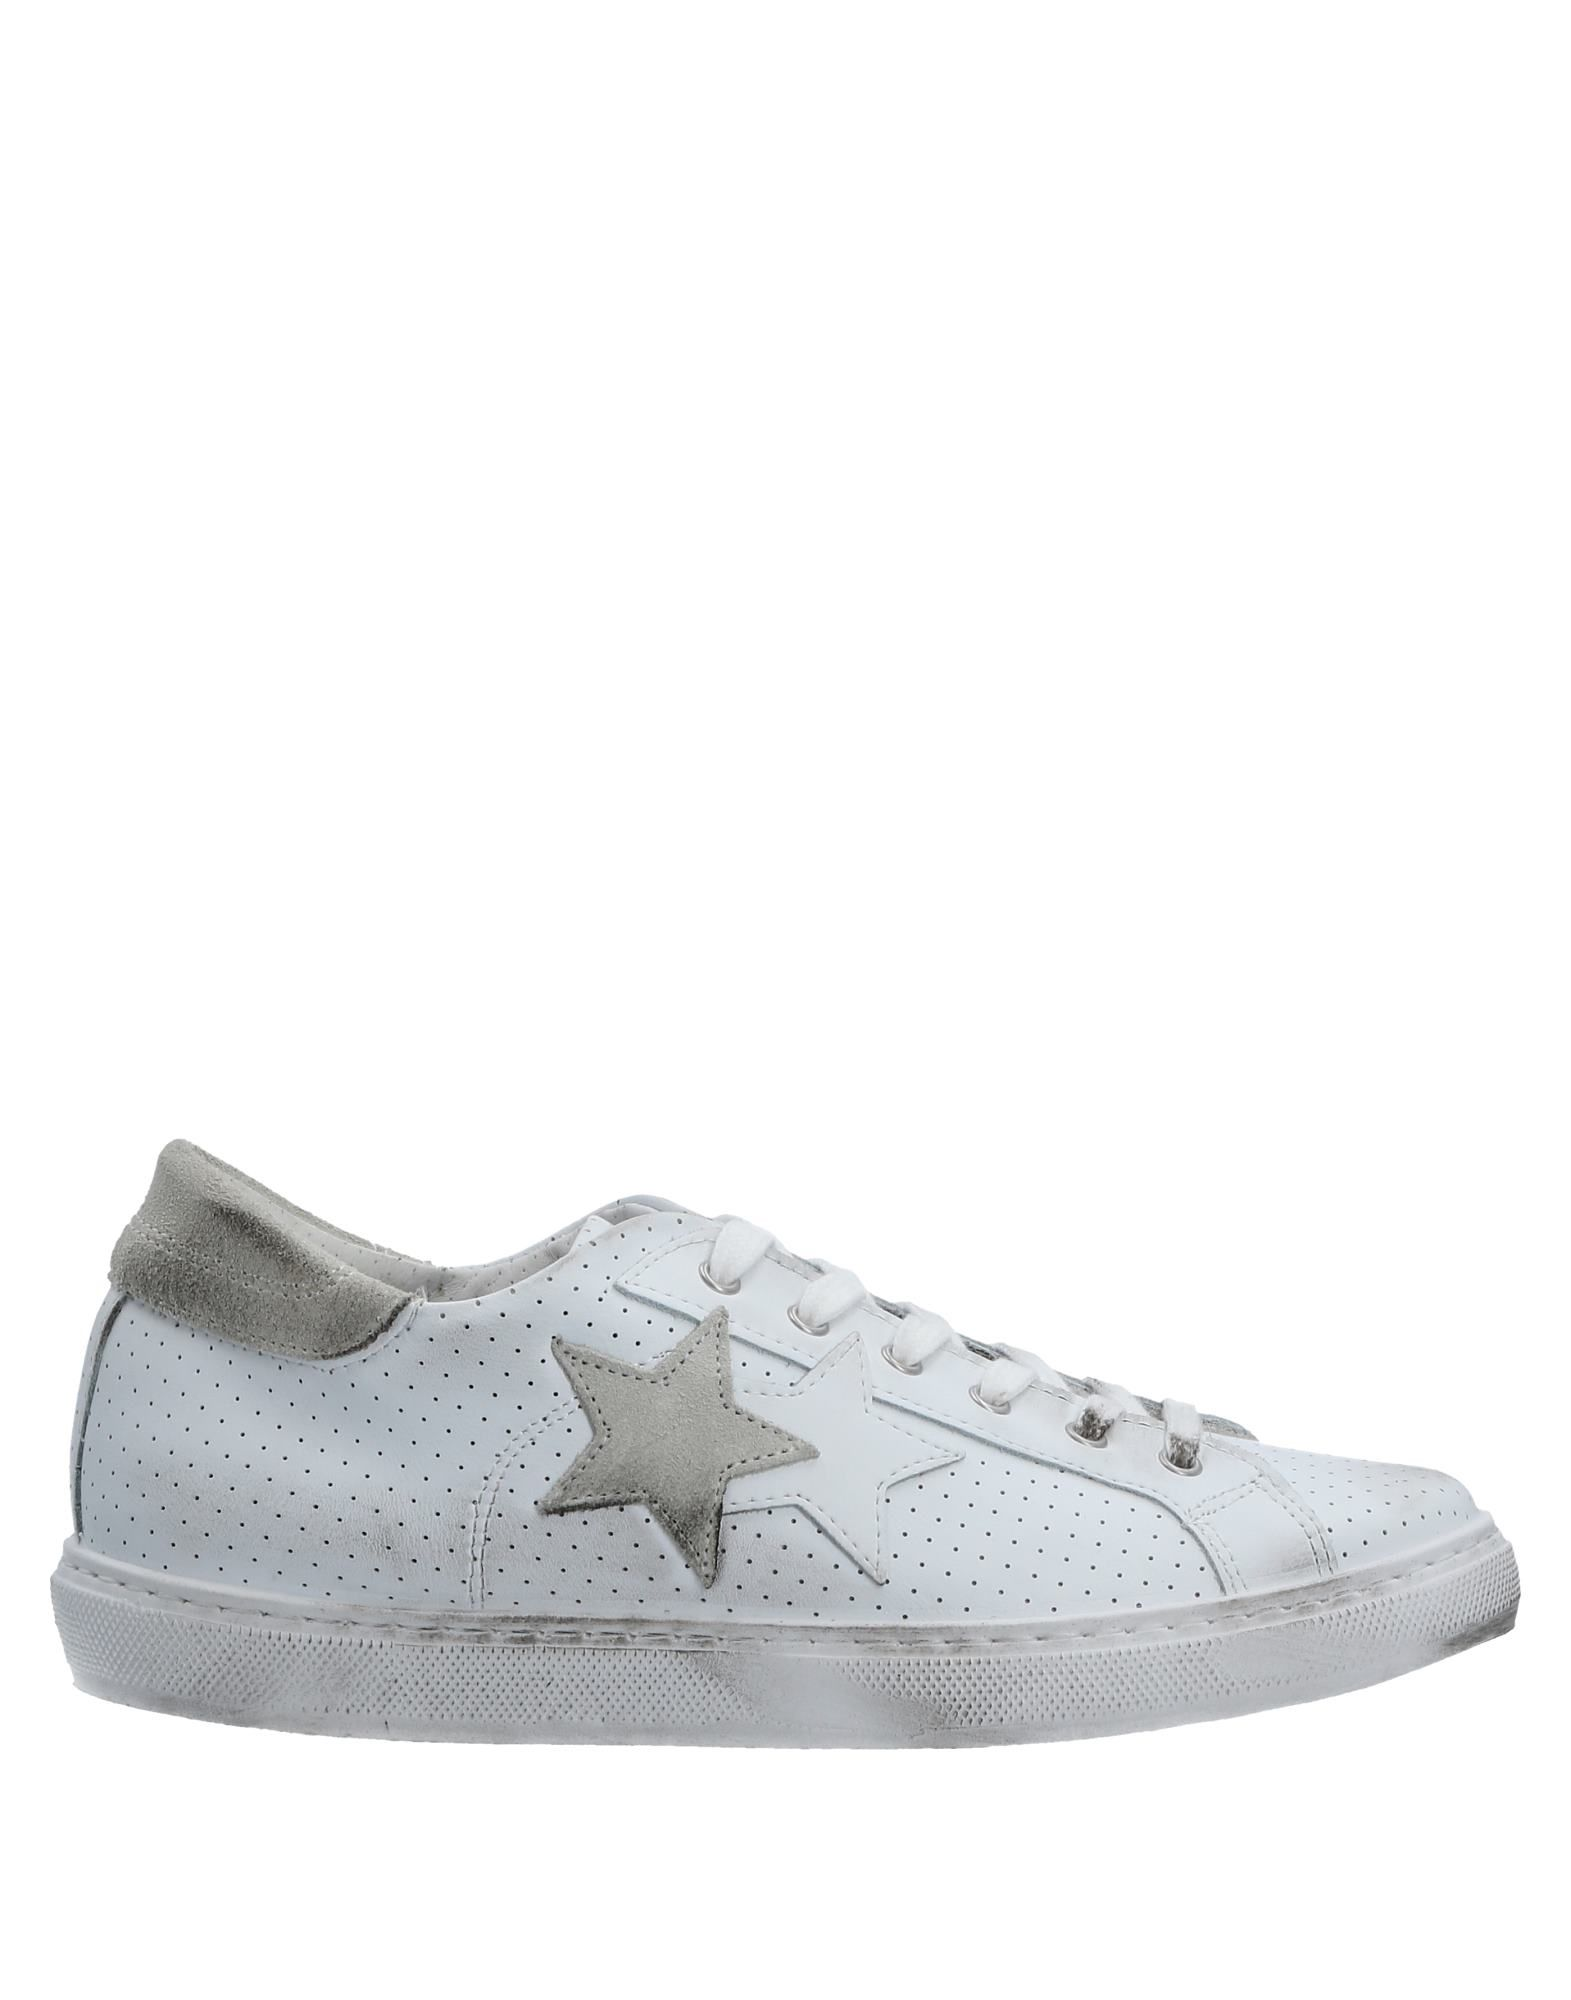 Scarpe economiche e resistenti Sneakers 2Star Uomo - - - 11529710ED b3fd82